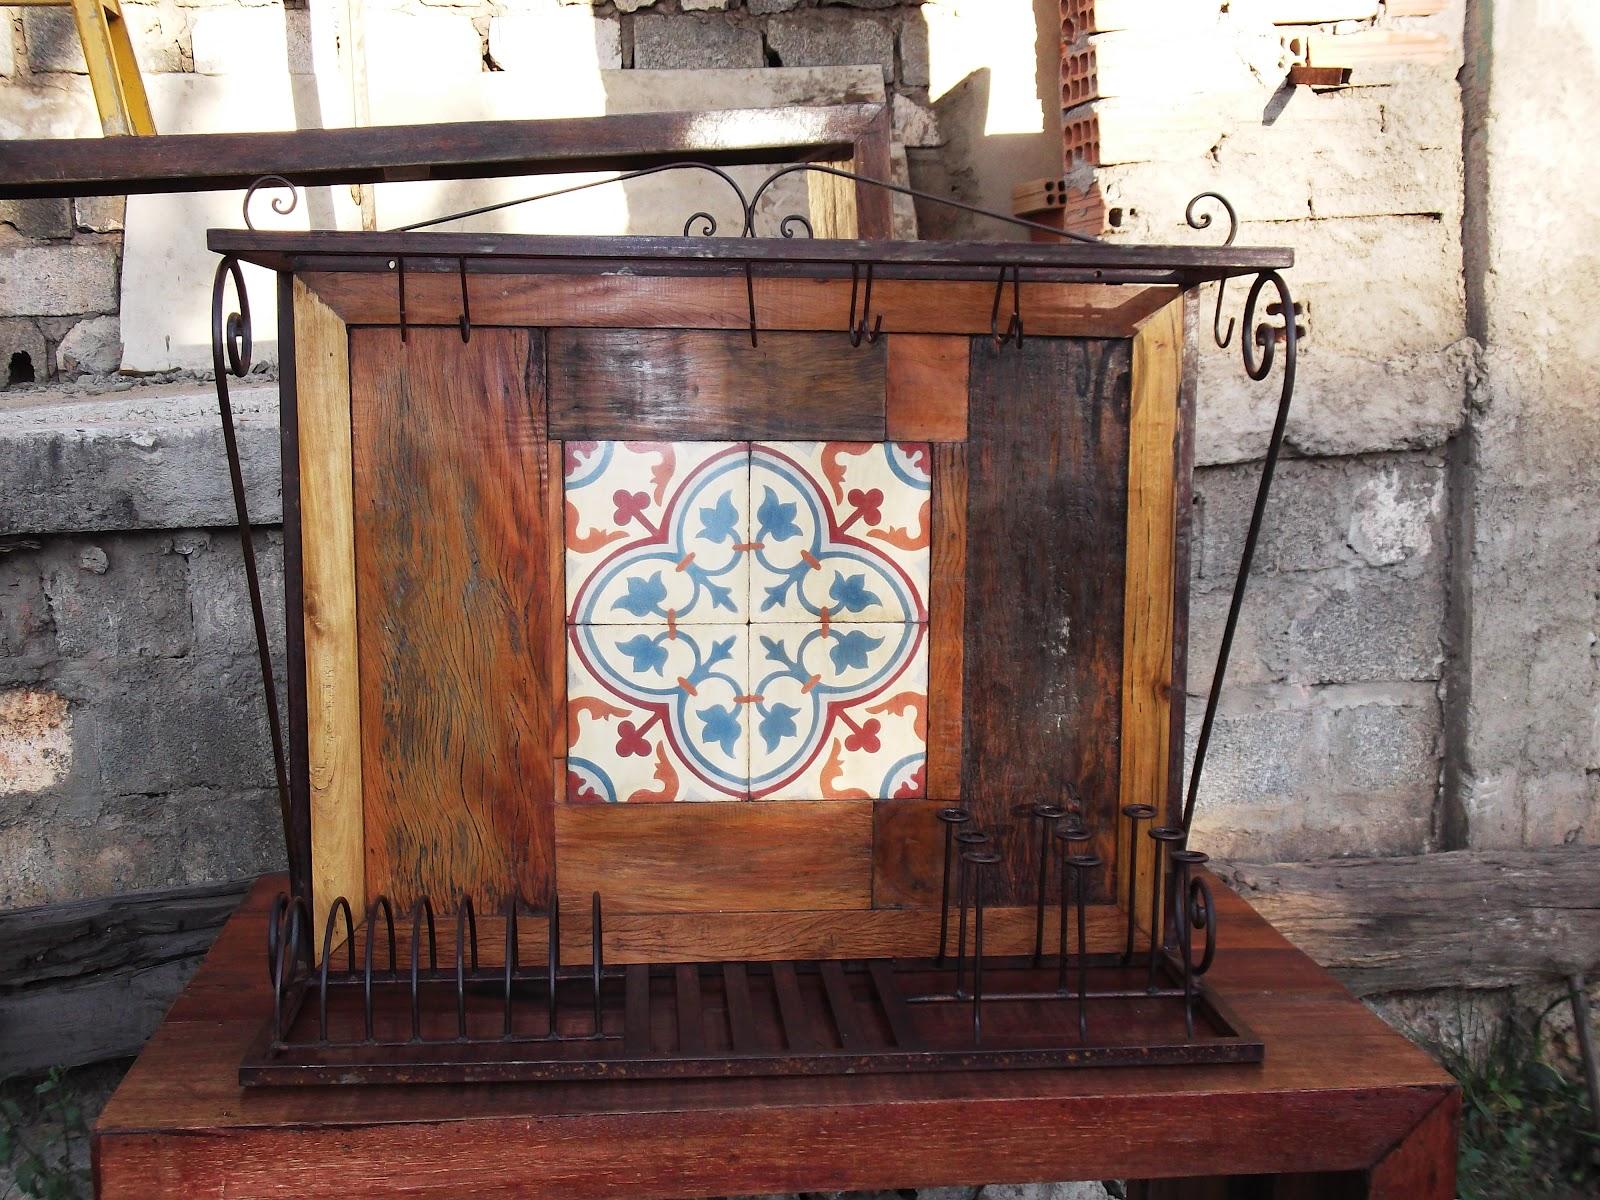 Armario Leroy Merlin A Medida ~ Móveis em madeira de demoliç u00e3o, artesanato mineiro, pinturas artisticas e sacras e antiguidades